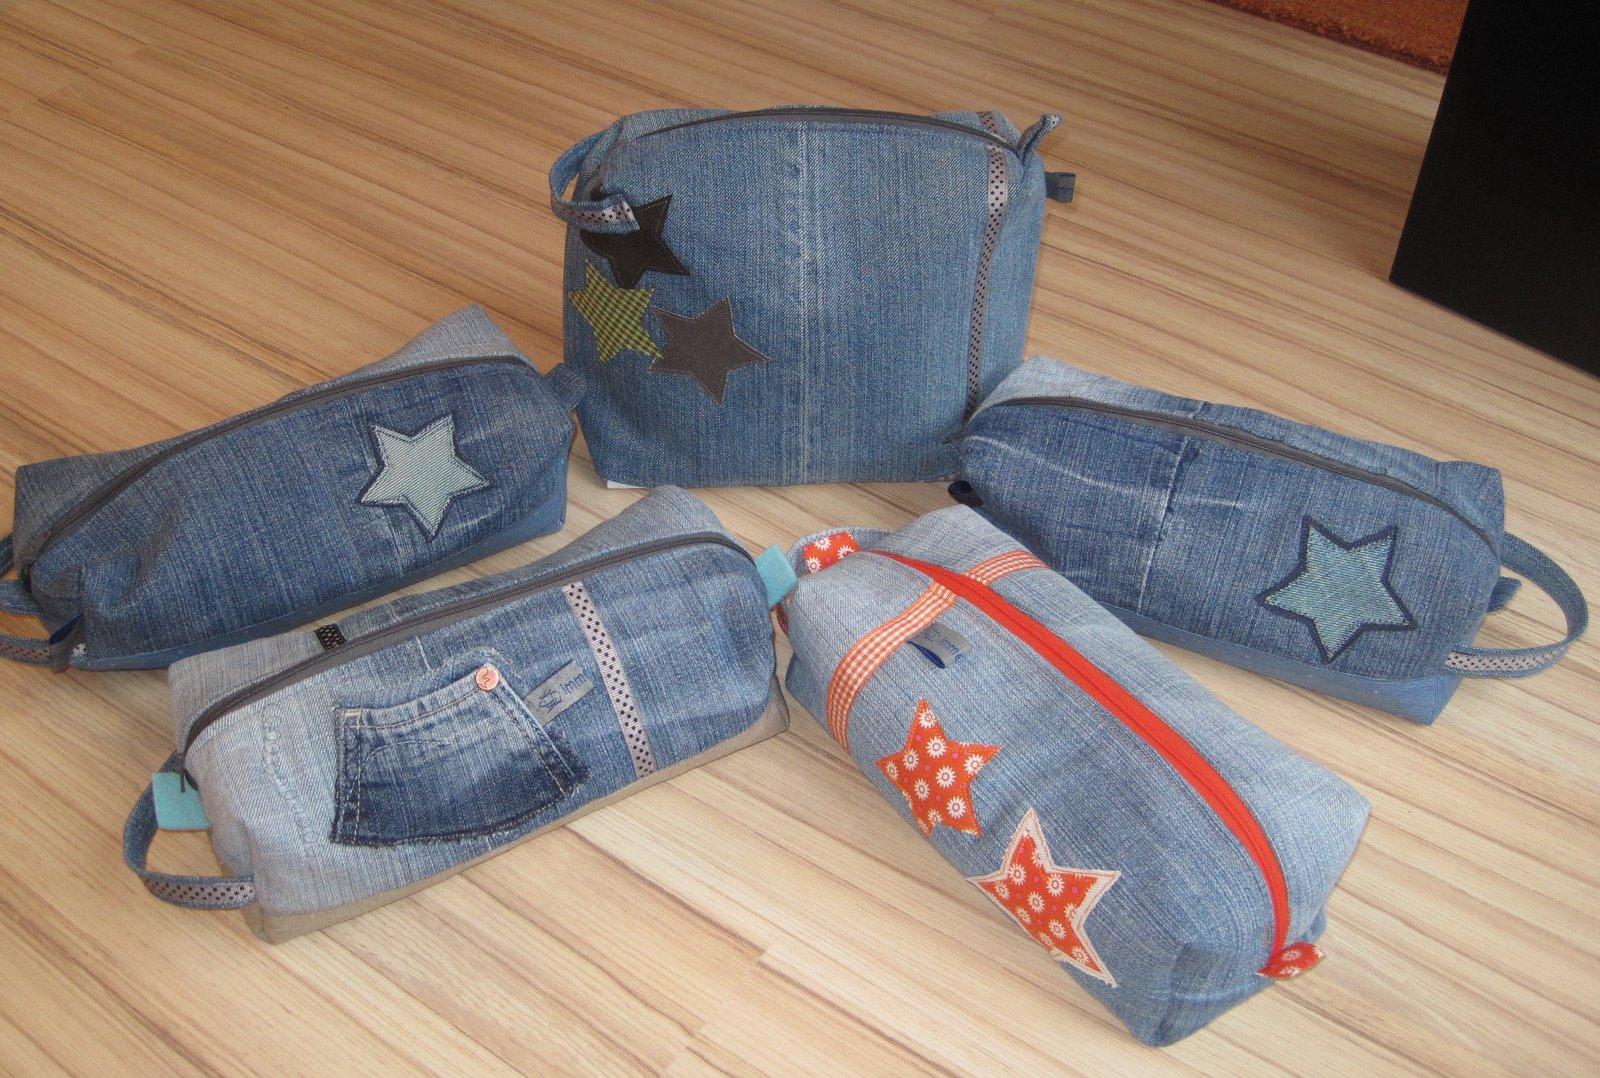 Taschen Aus Jeanshosen Selber Nahen 99 Taschen Nahen Anleitung